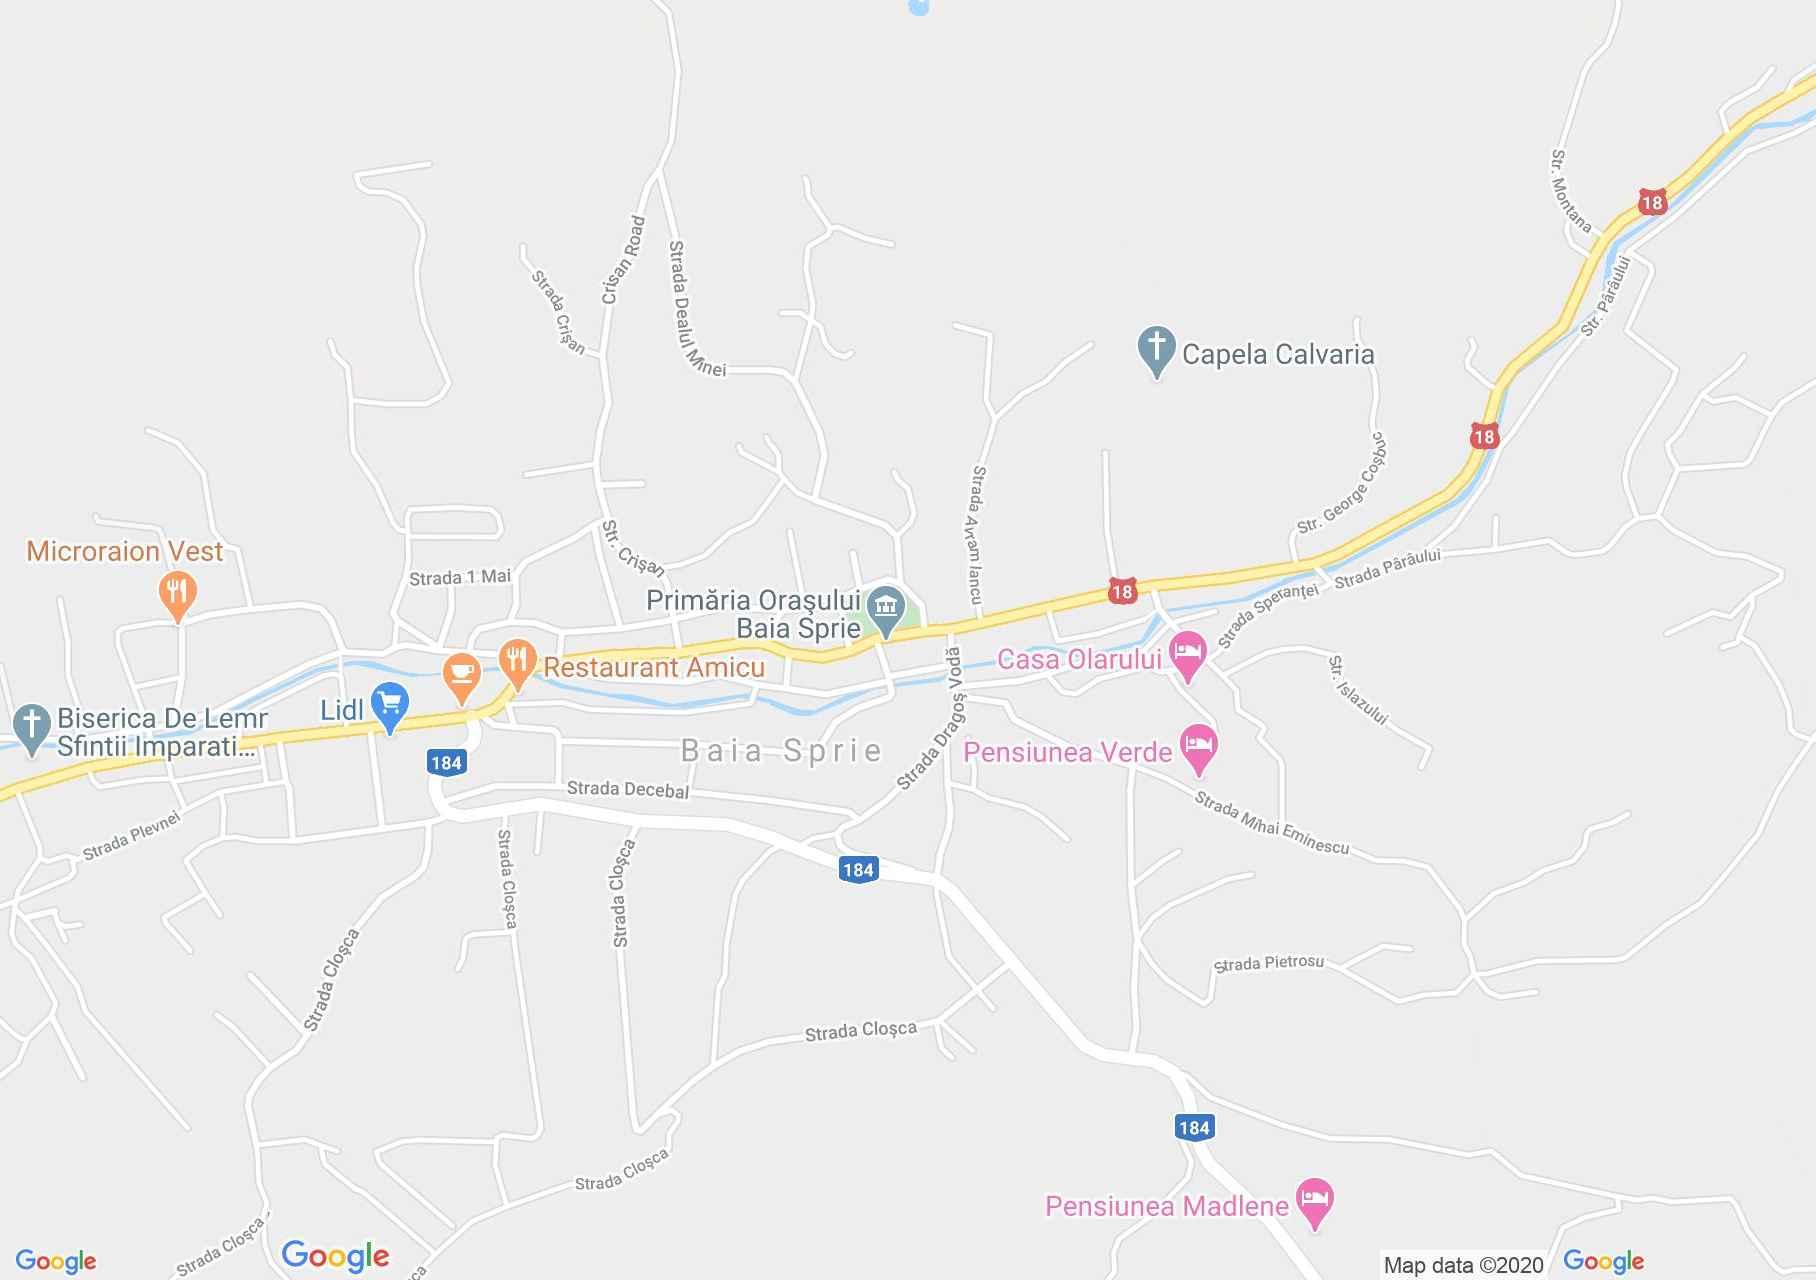 Baia Sprie, Harta turistică interactivă